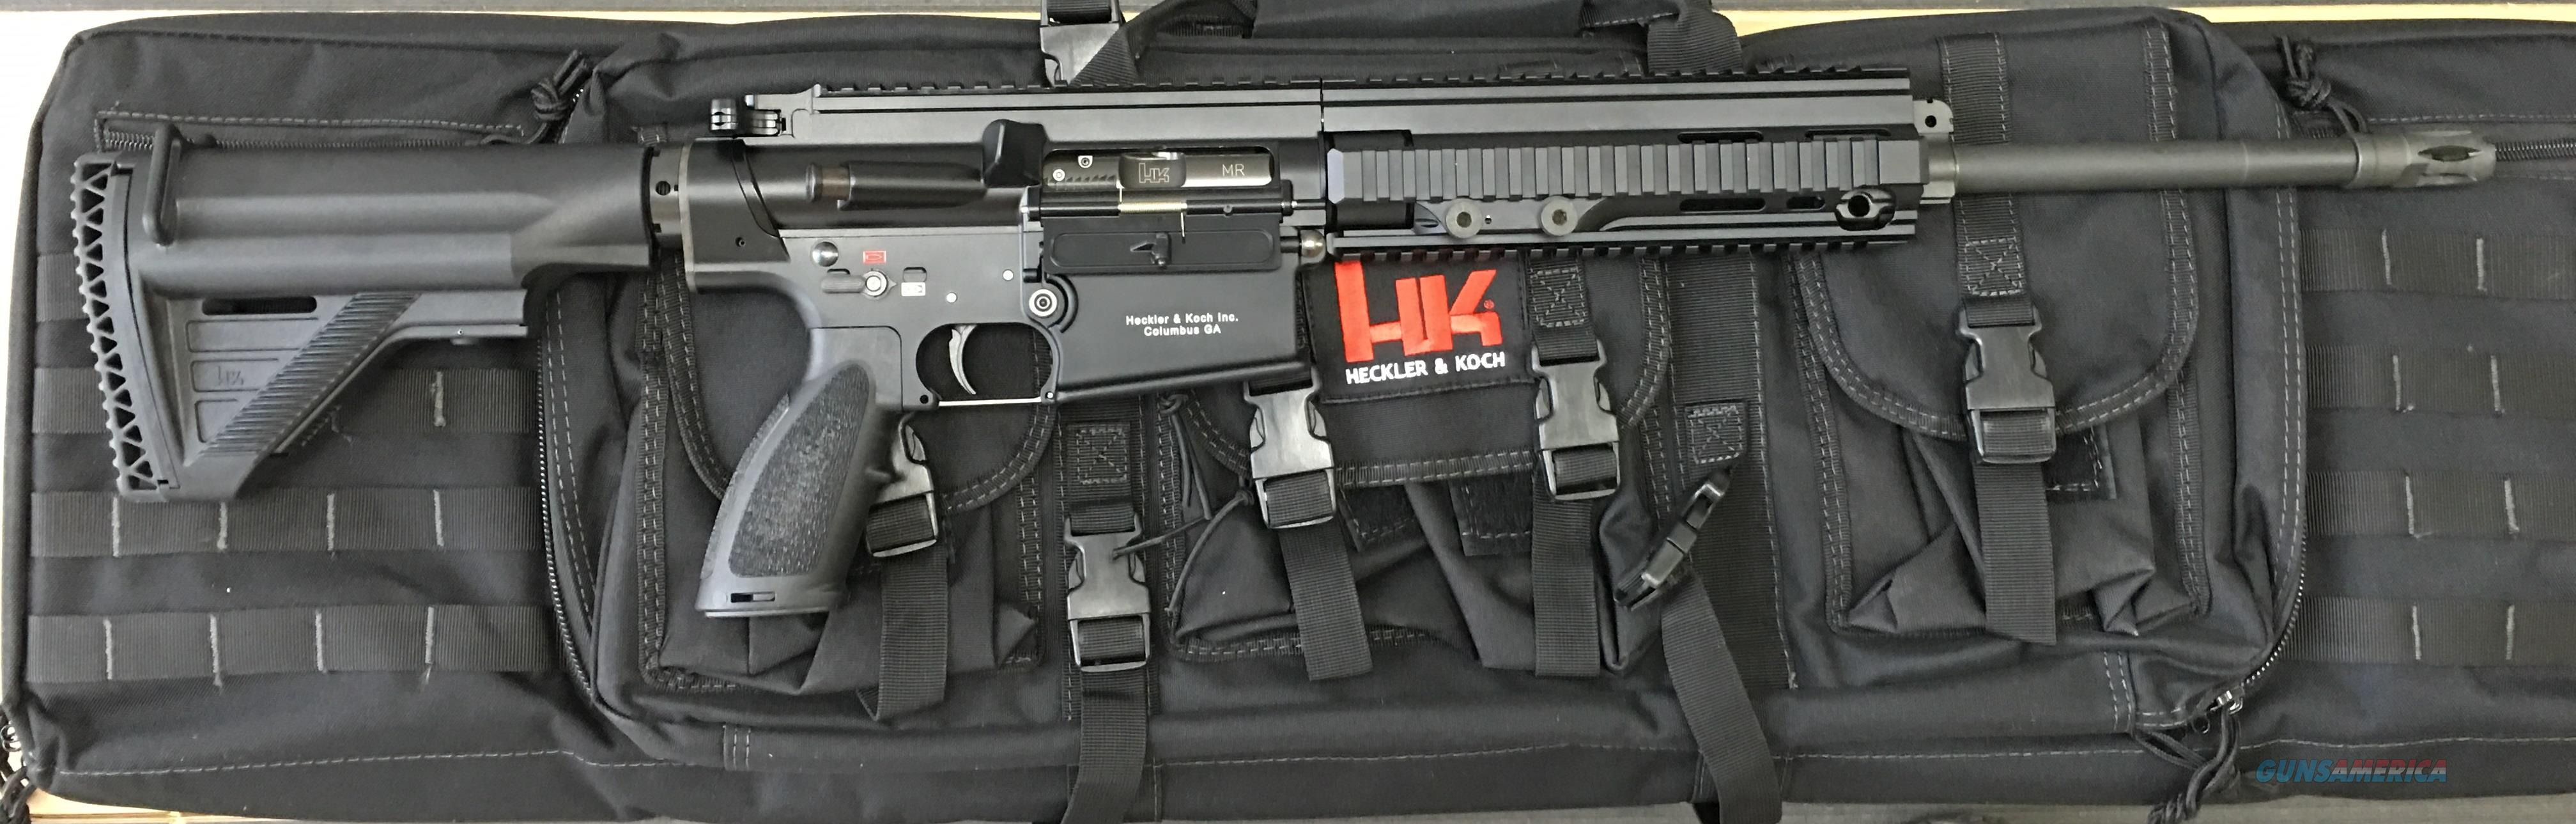 A1 Auto Sales >> Heckler & Koch HK MR762-A1 PISTON MR762A1 H&K NIB